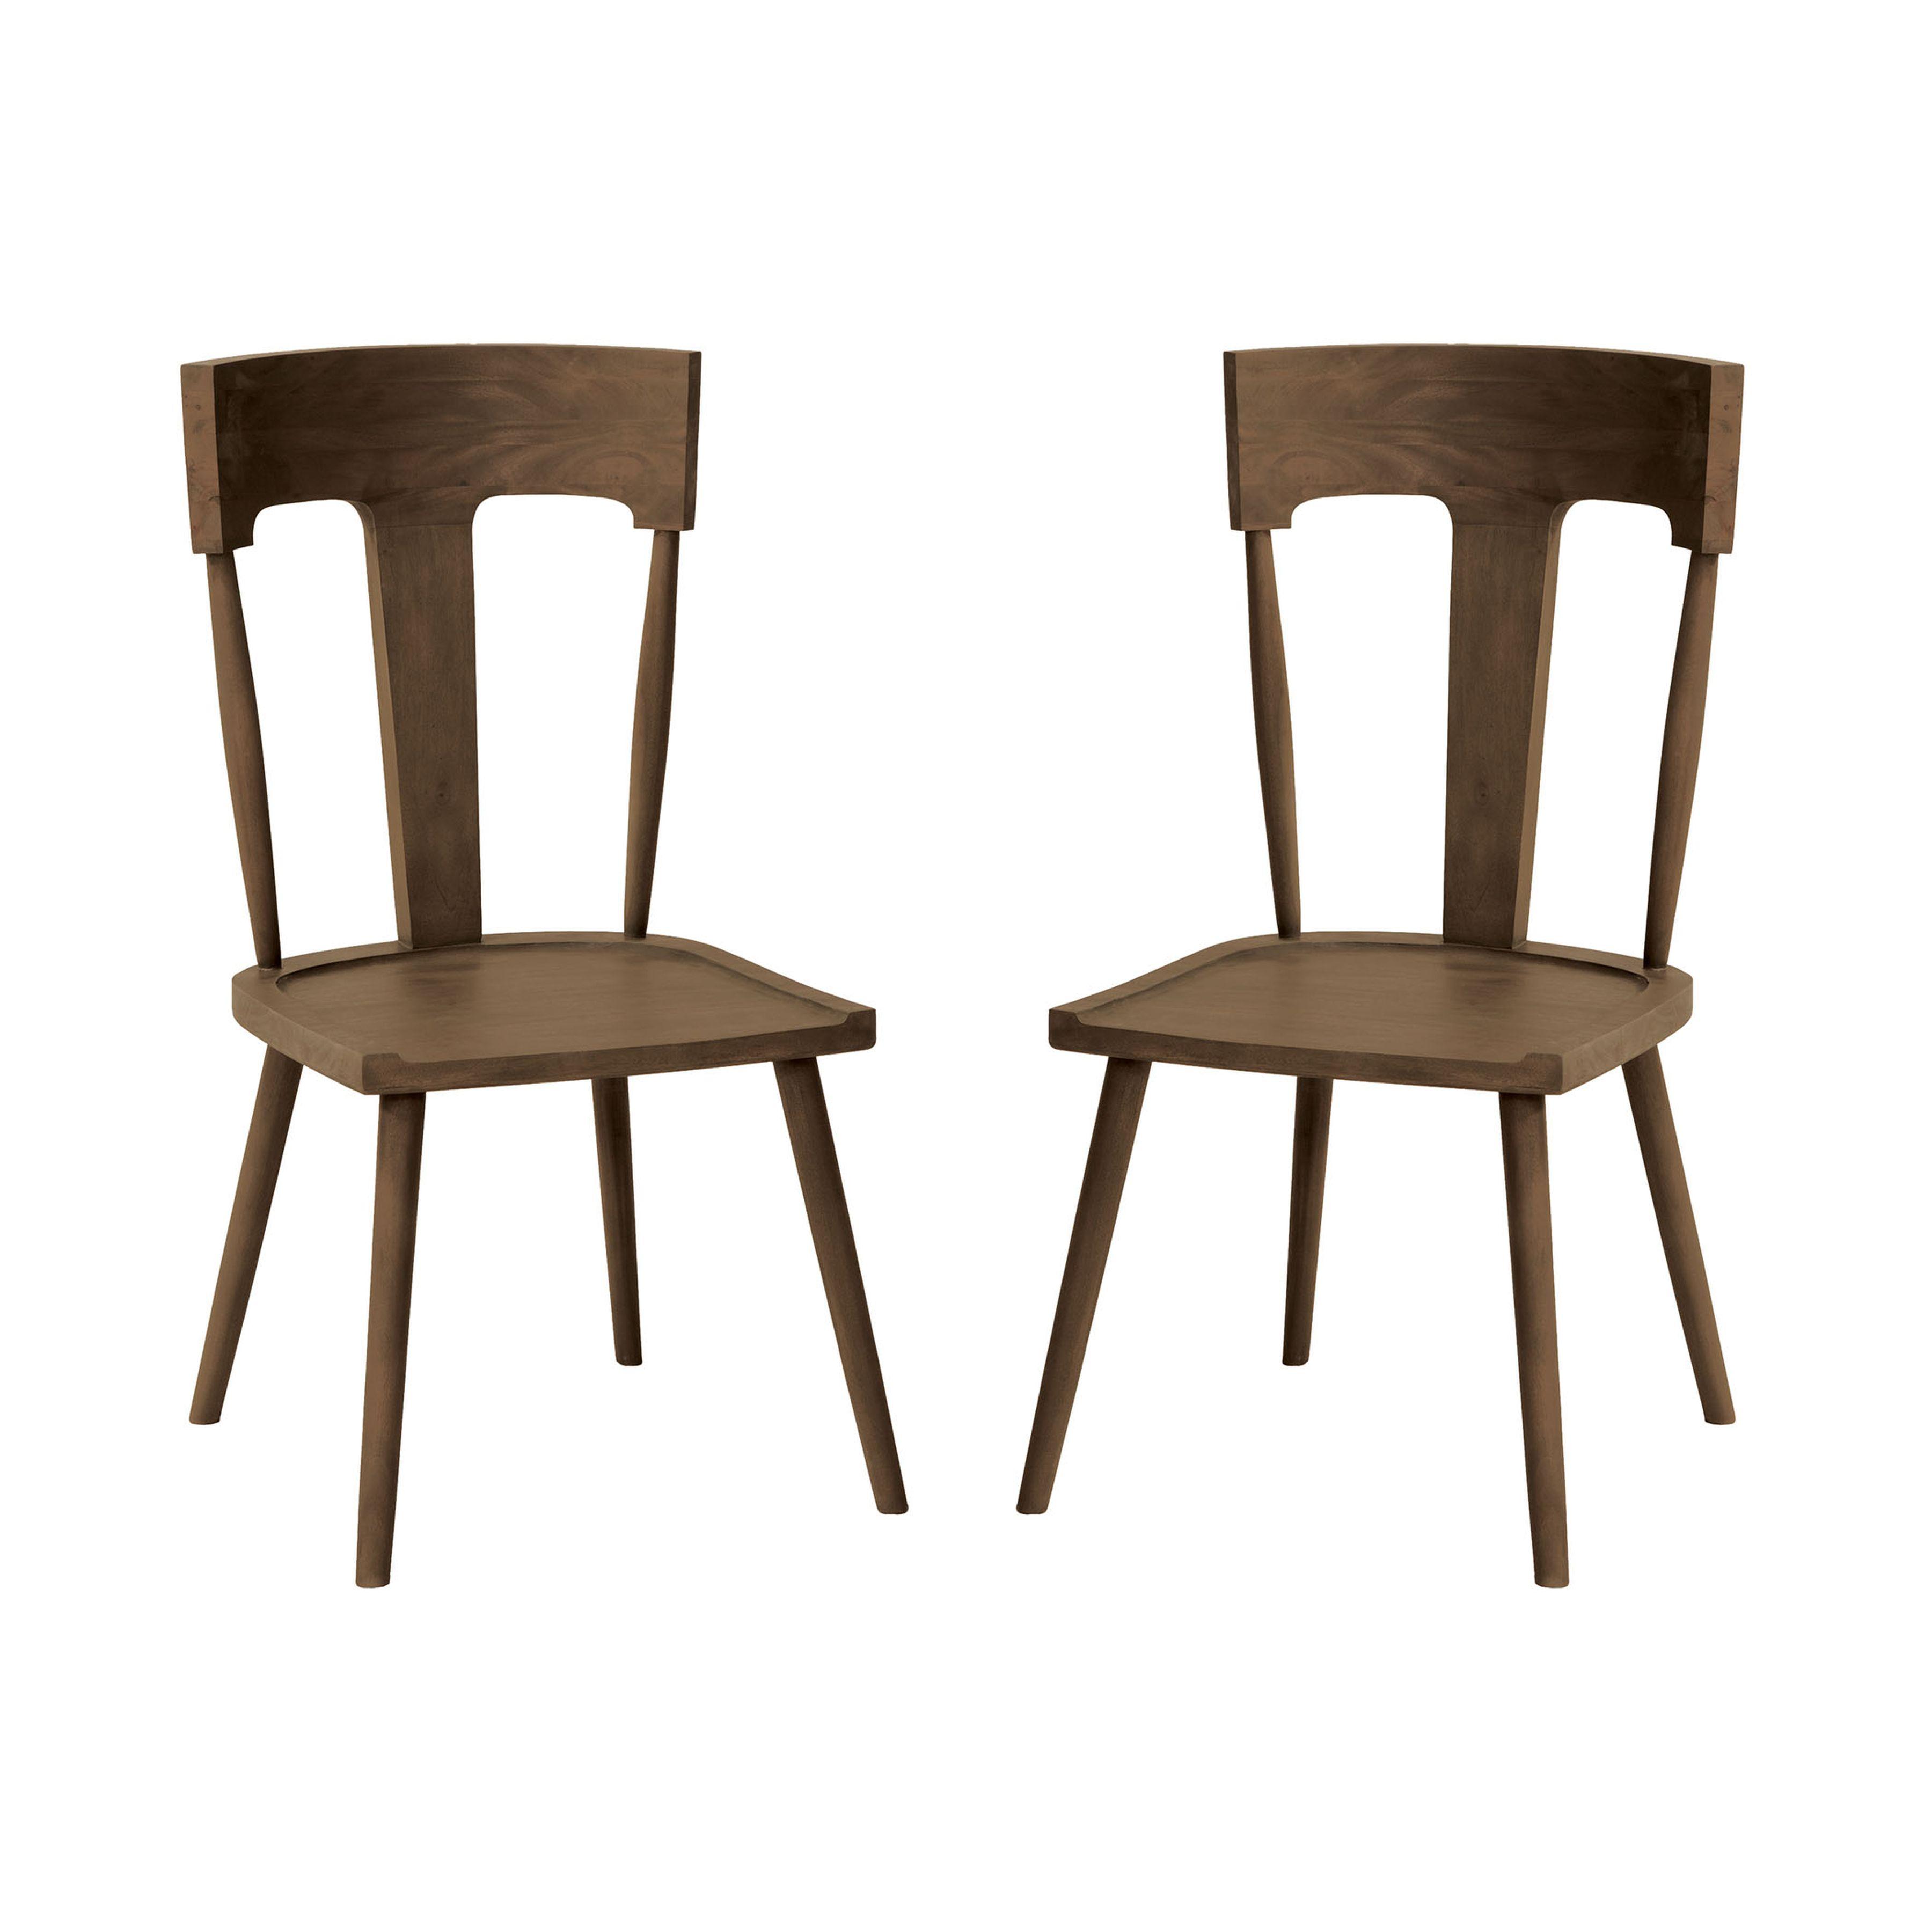 Teak Breakfast Chair Set of 2 6917533P-BU | ELK Home